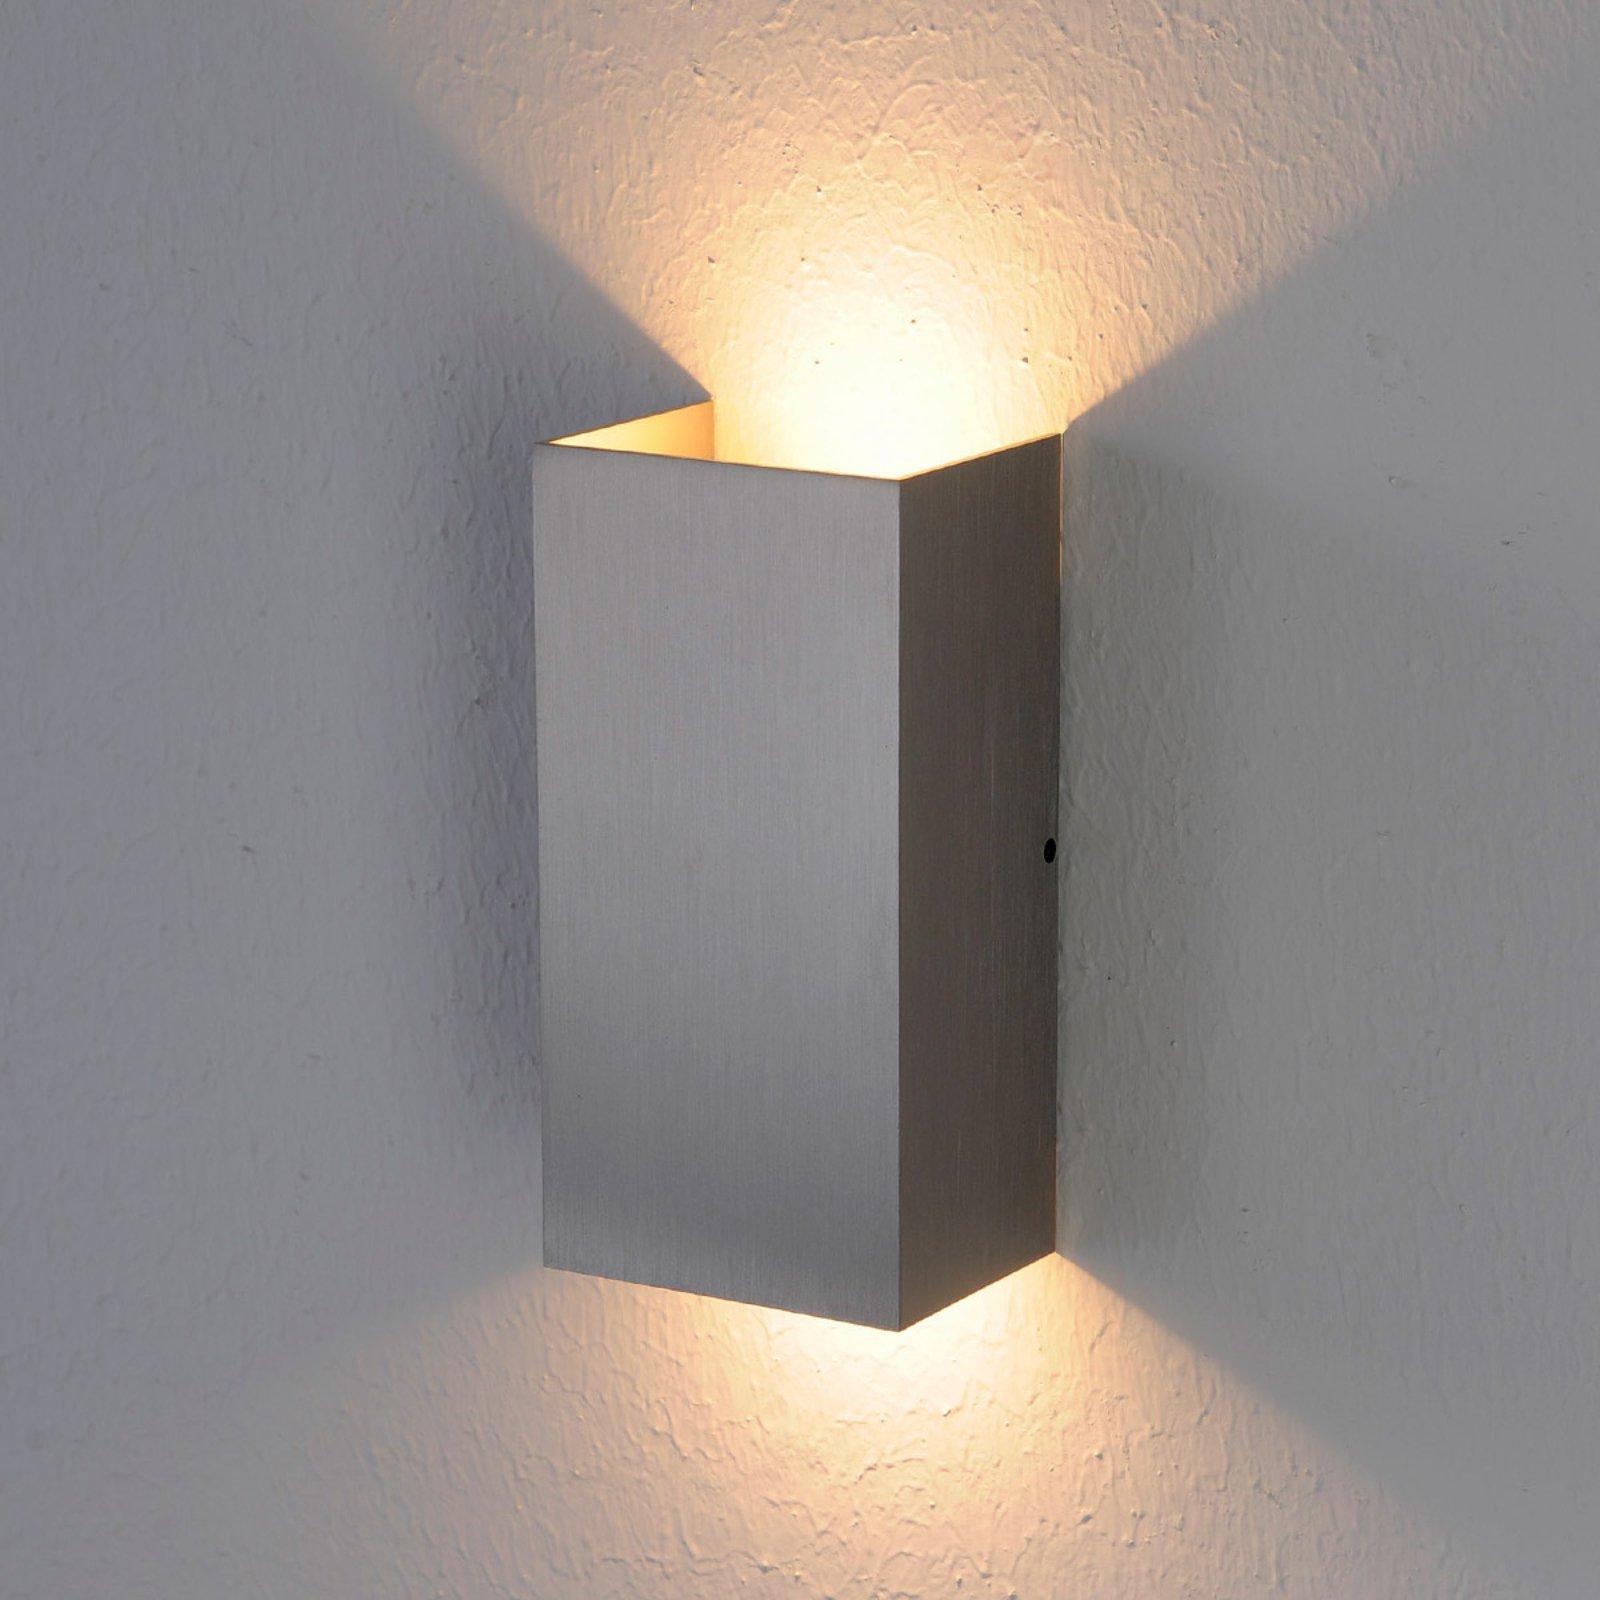 Puristisk LED-vegglampe Mira